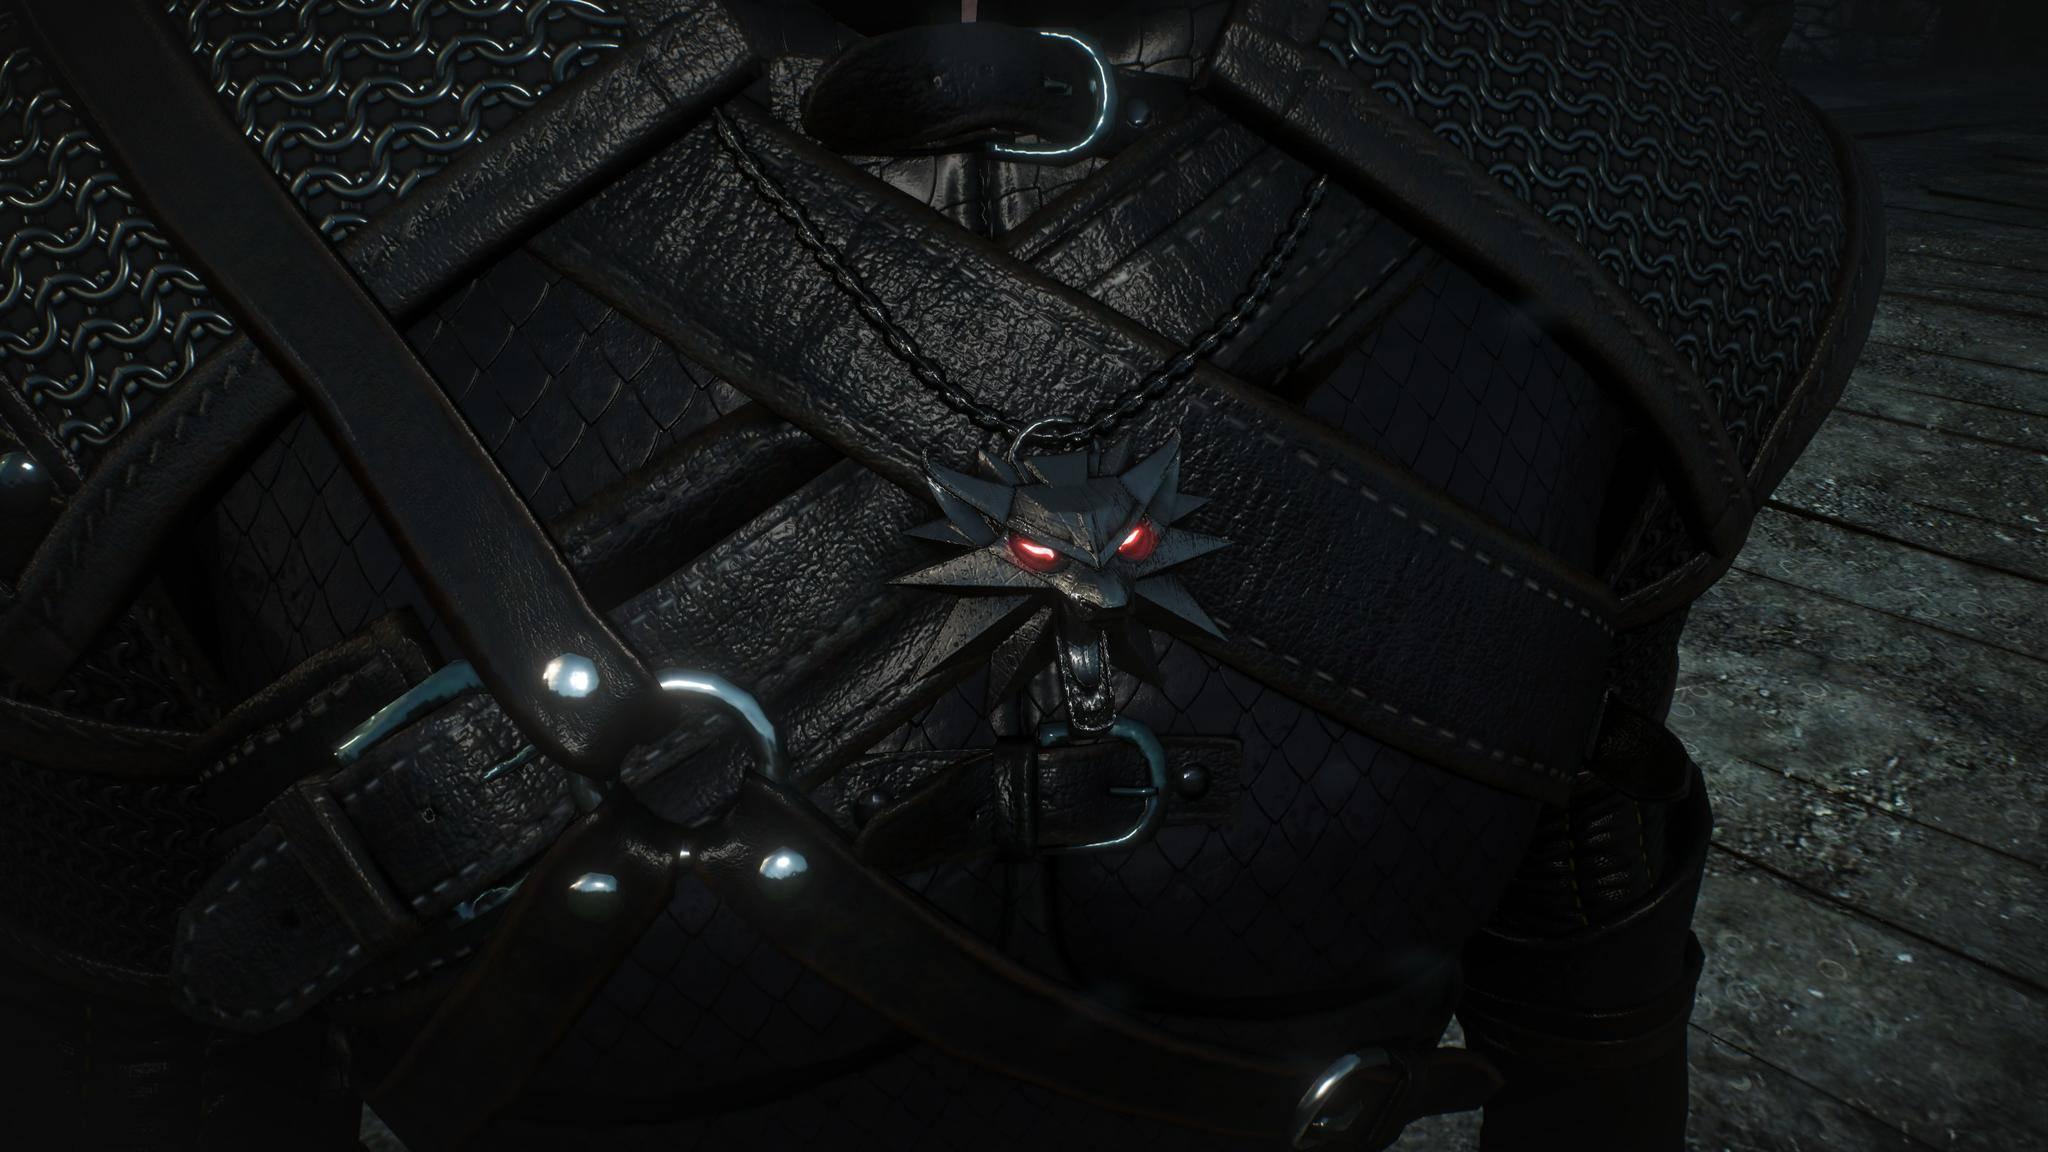 Endlich leuchtet das Wolf-Medaillon mit seinen roten Augen, wie man es in Promo-Materialen schon bestaunen durfte.